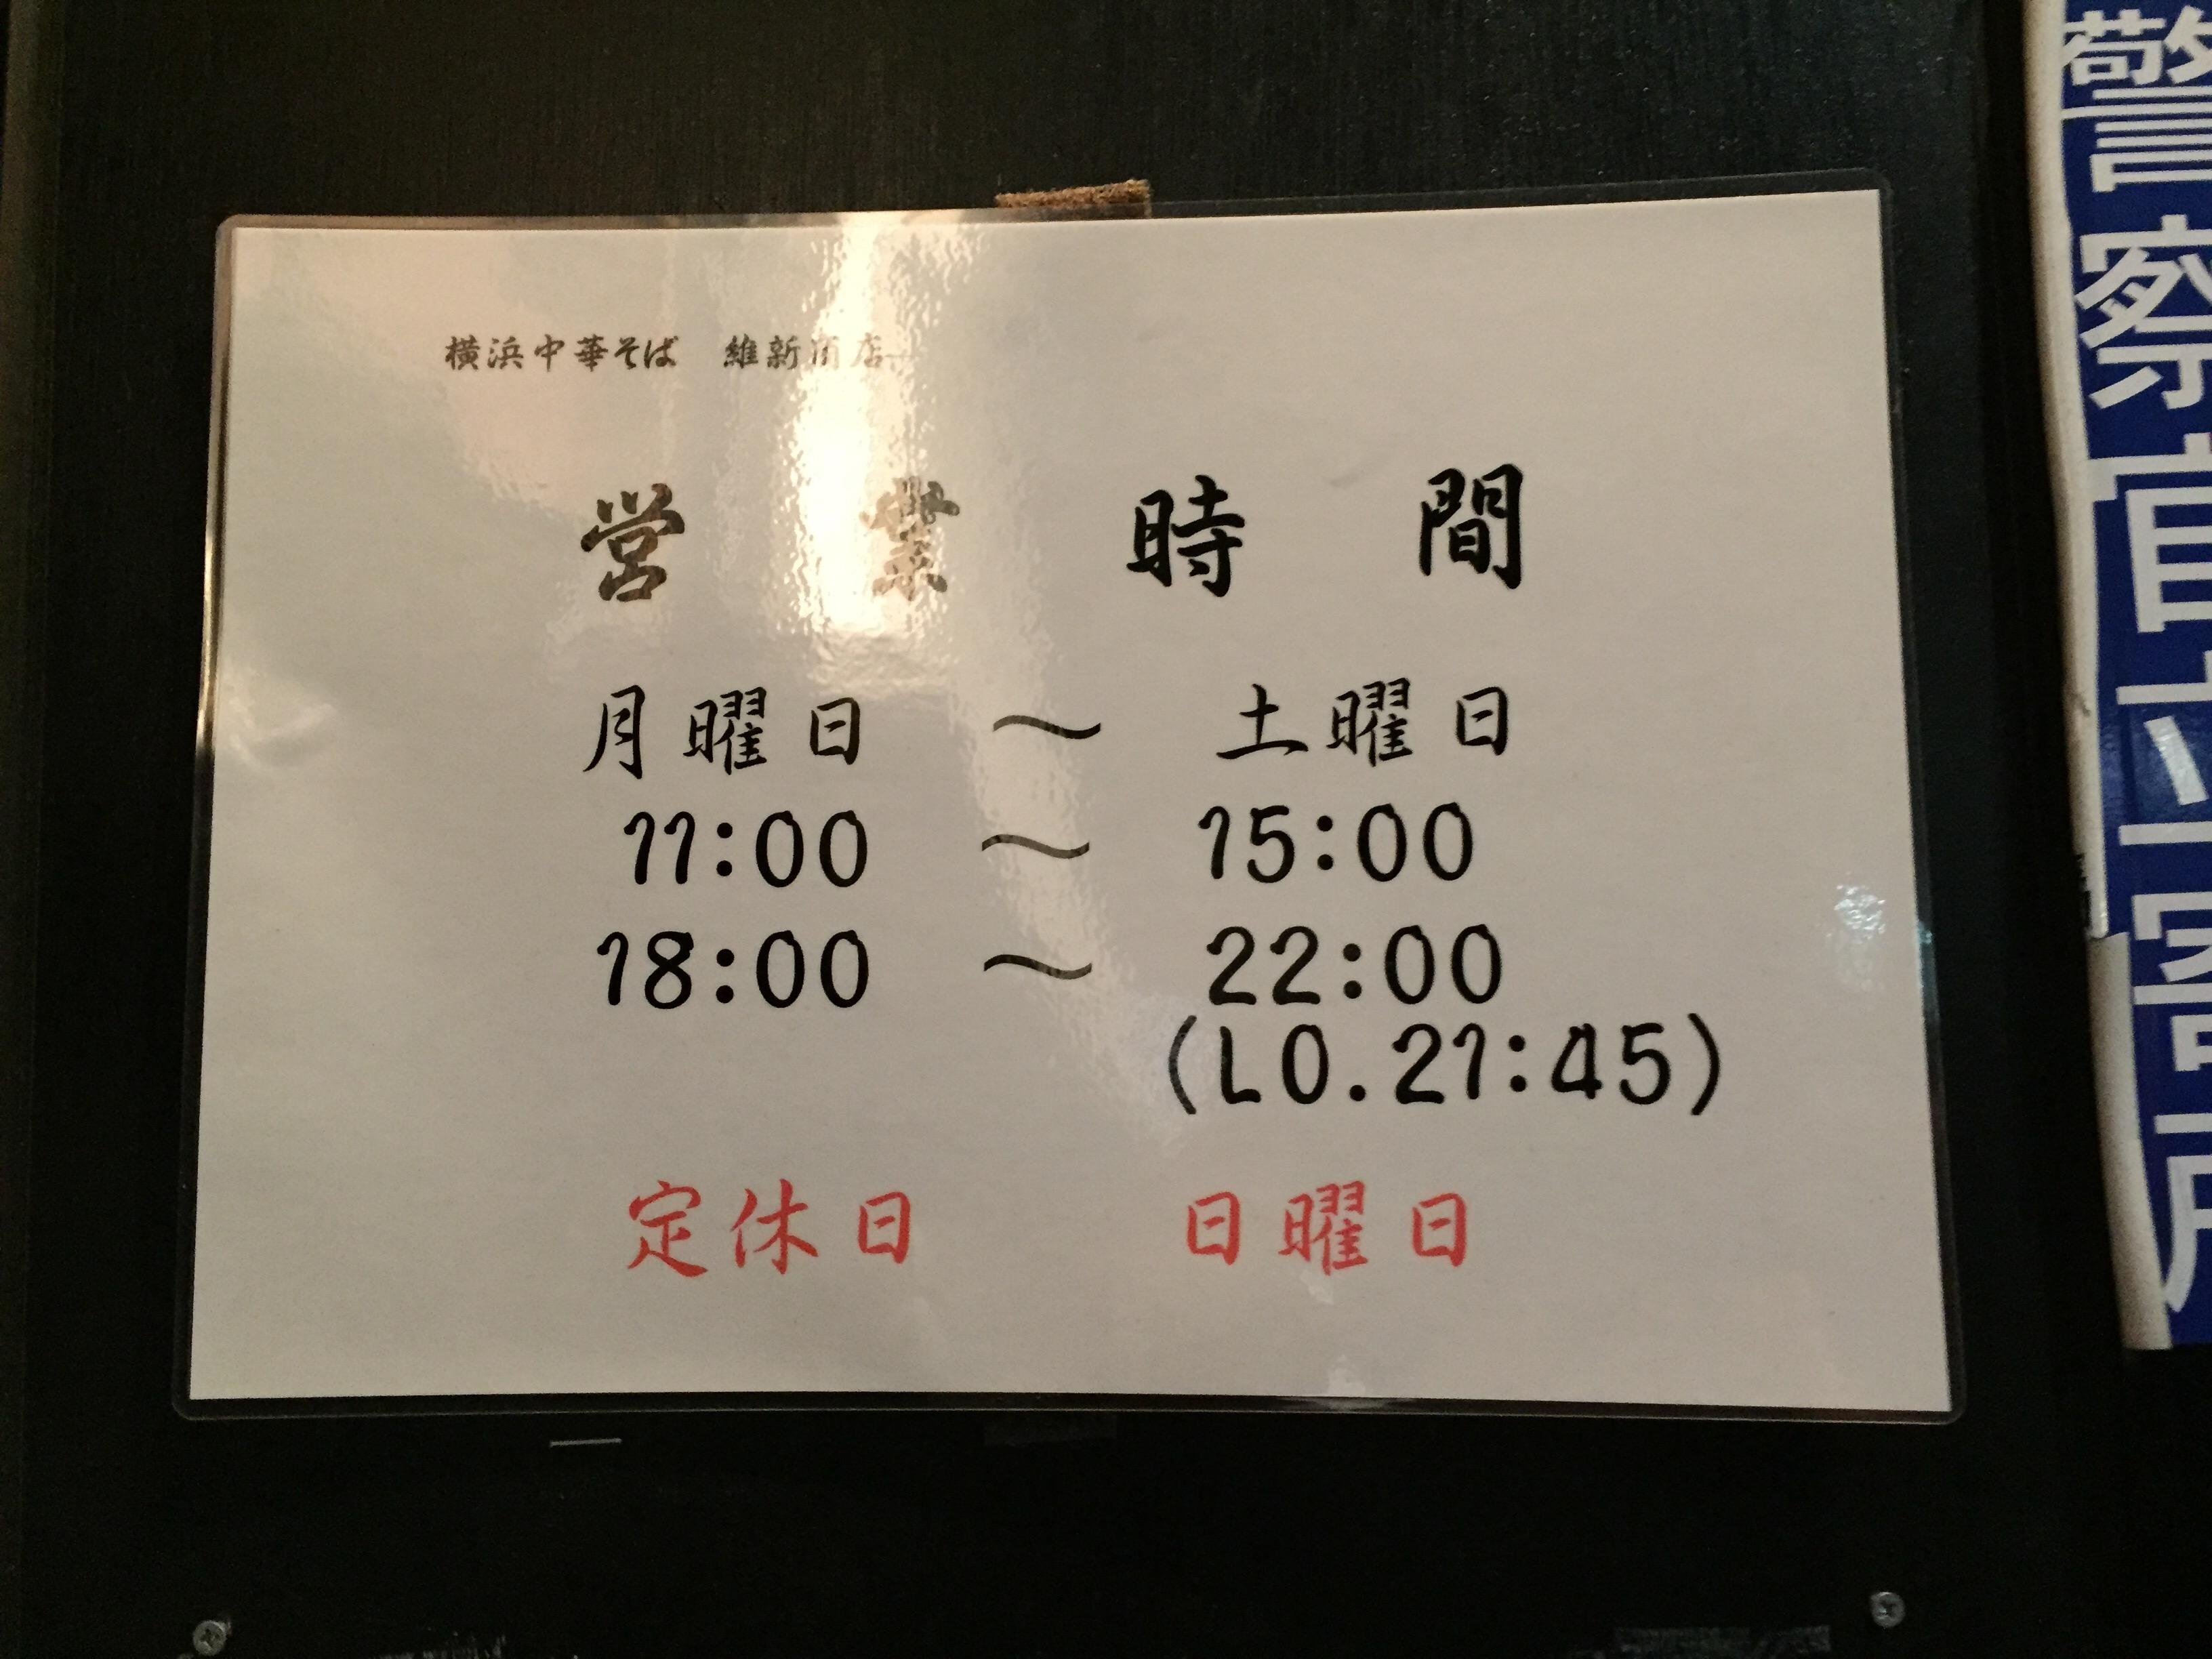 維新商店の営業時間